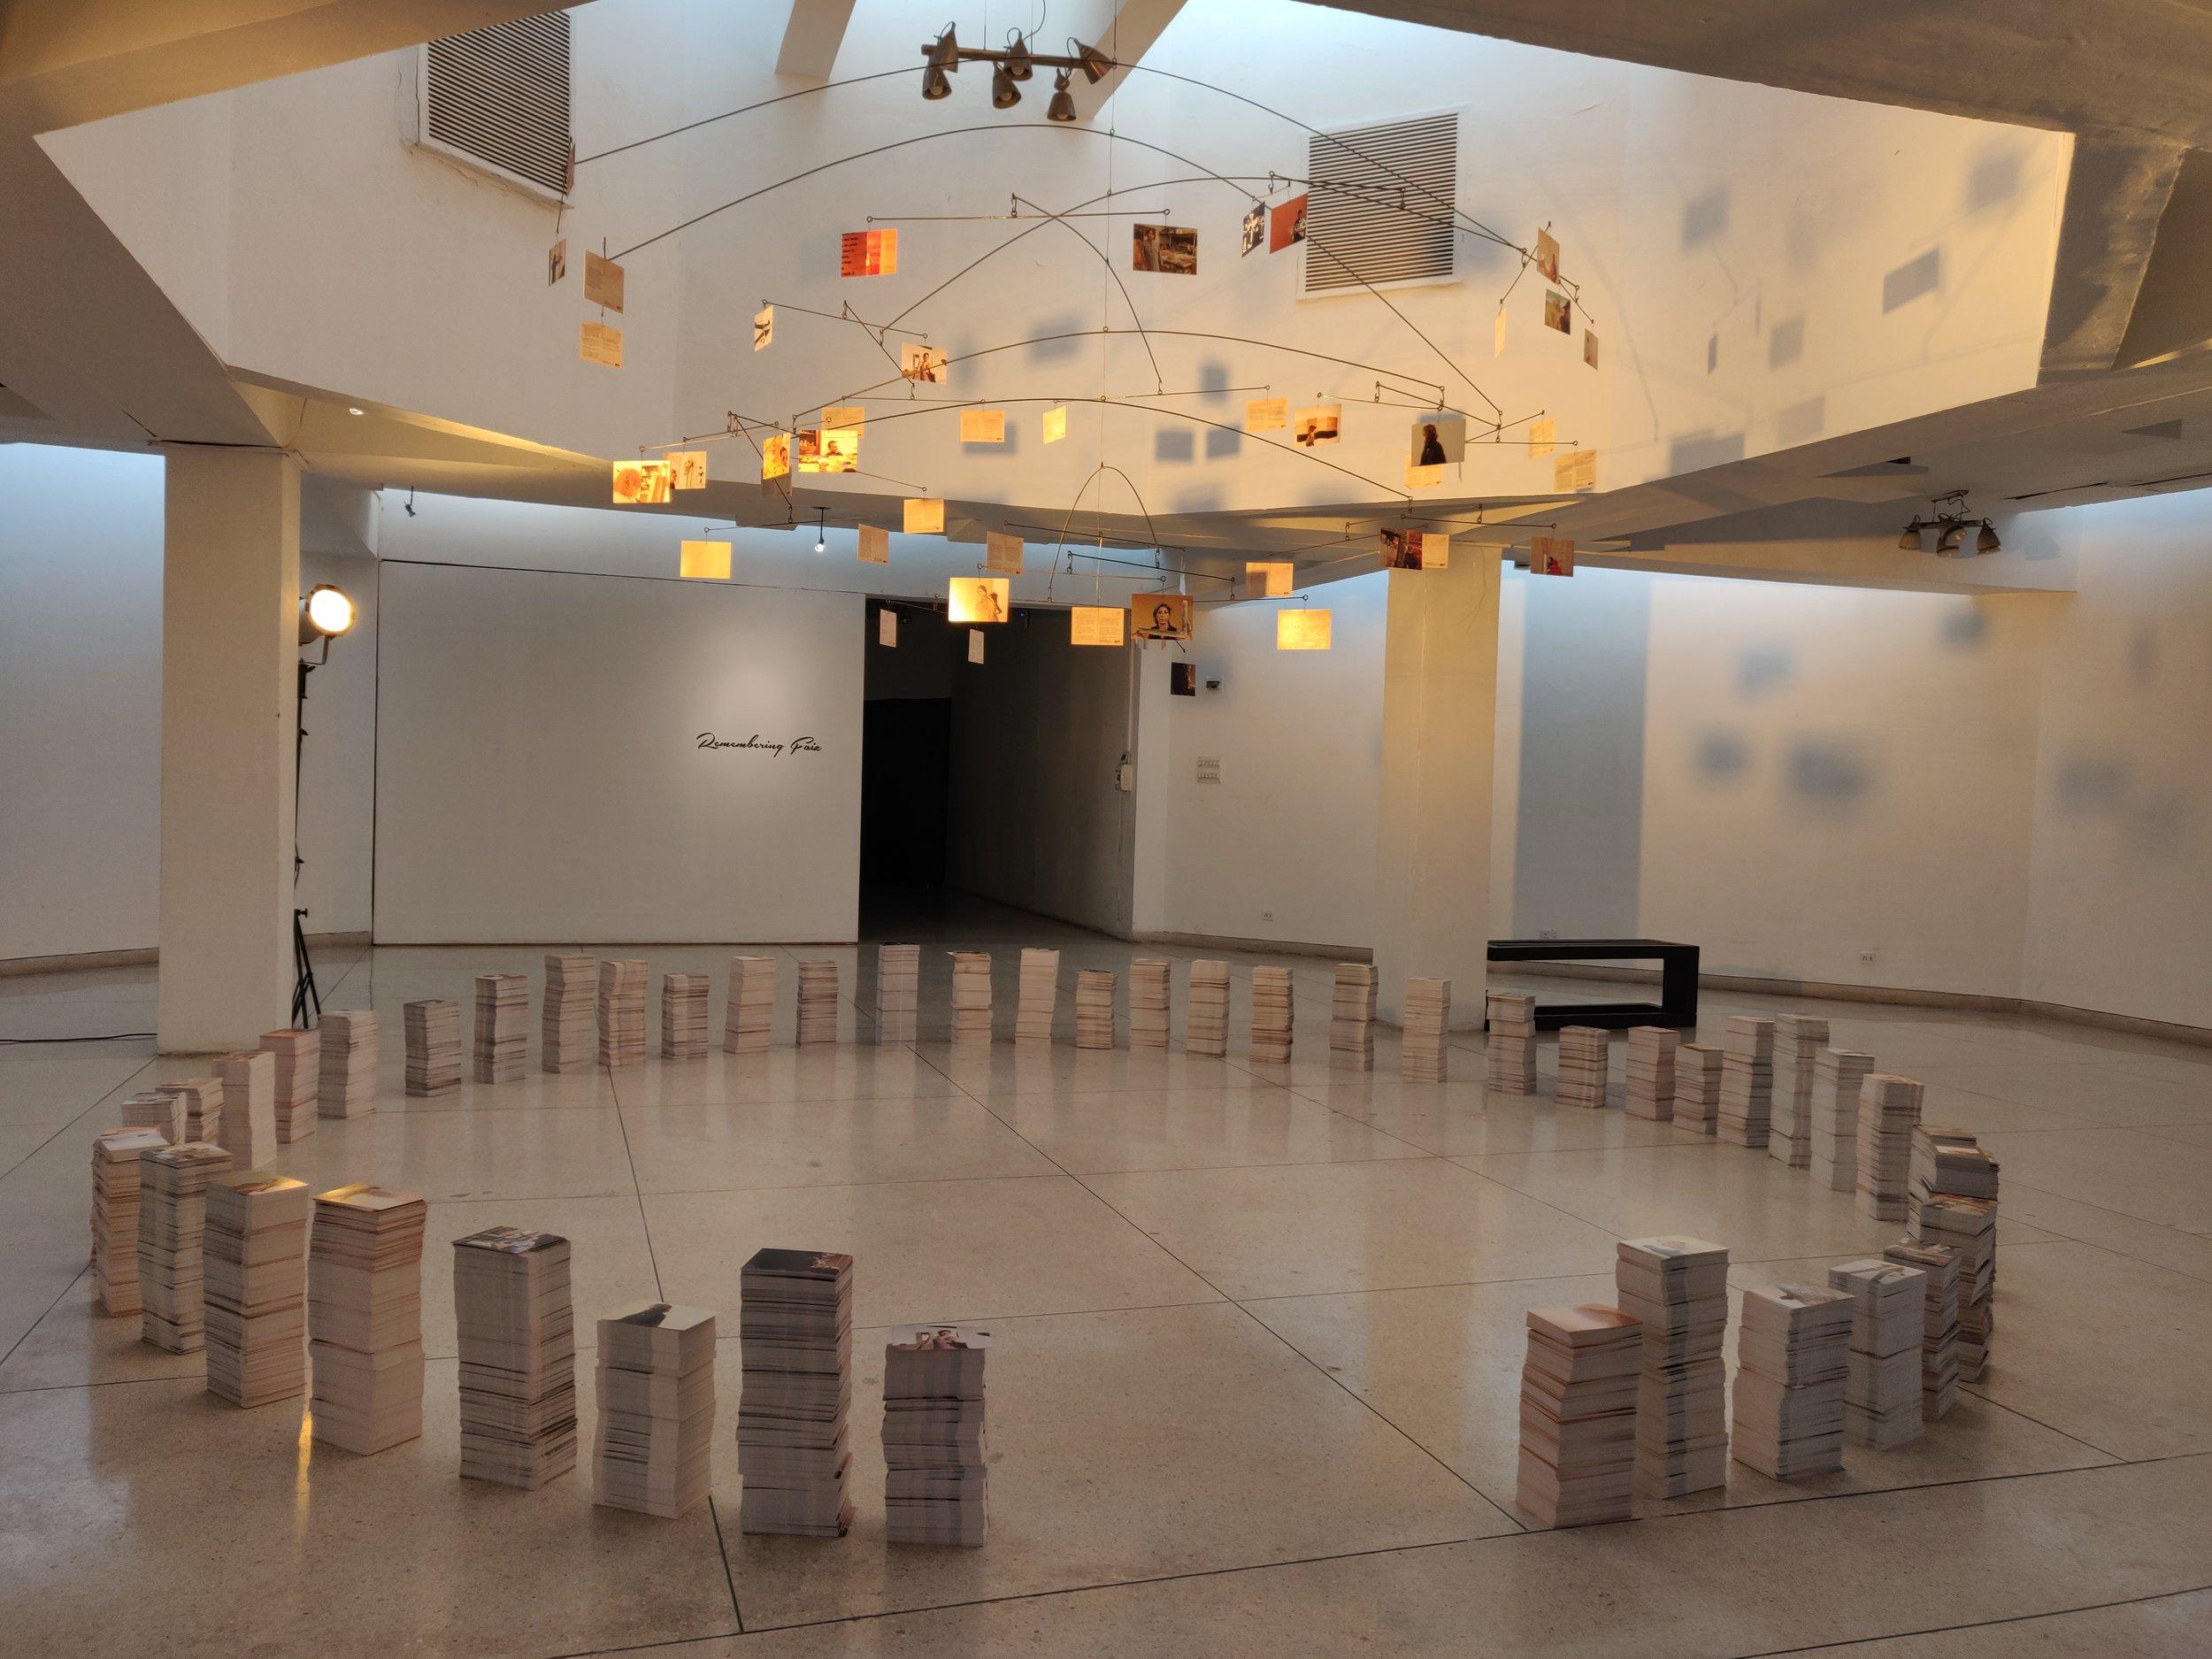 Shahi Hamam-Lahore Biennale, March 2018